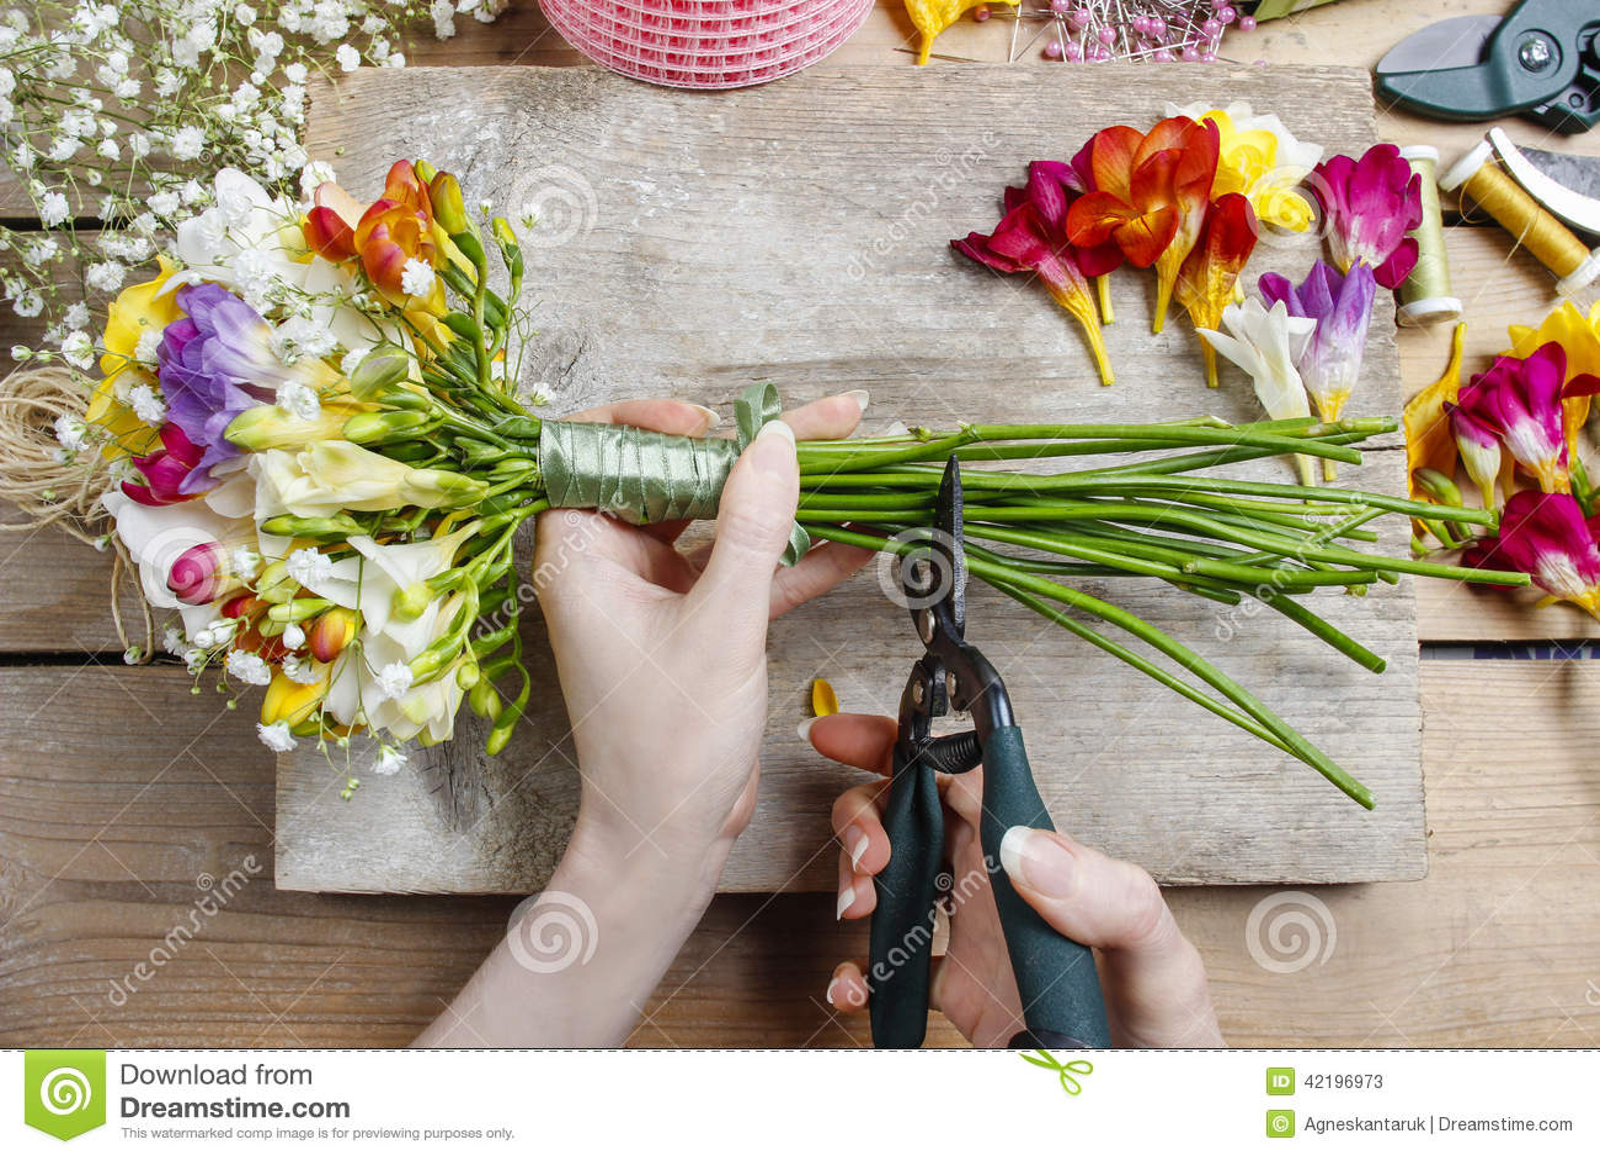 boeket bloemen maken